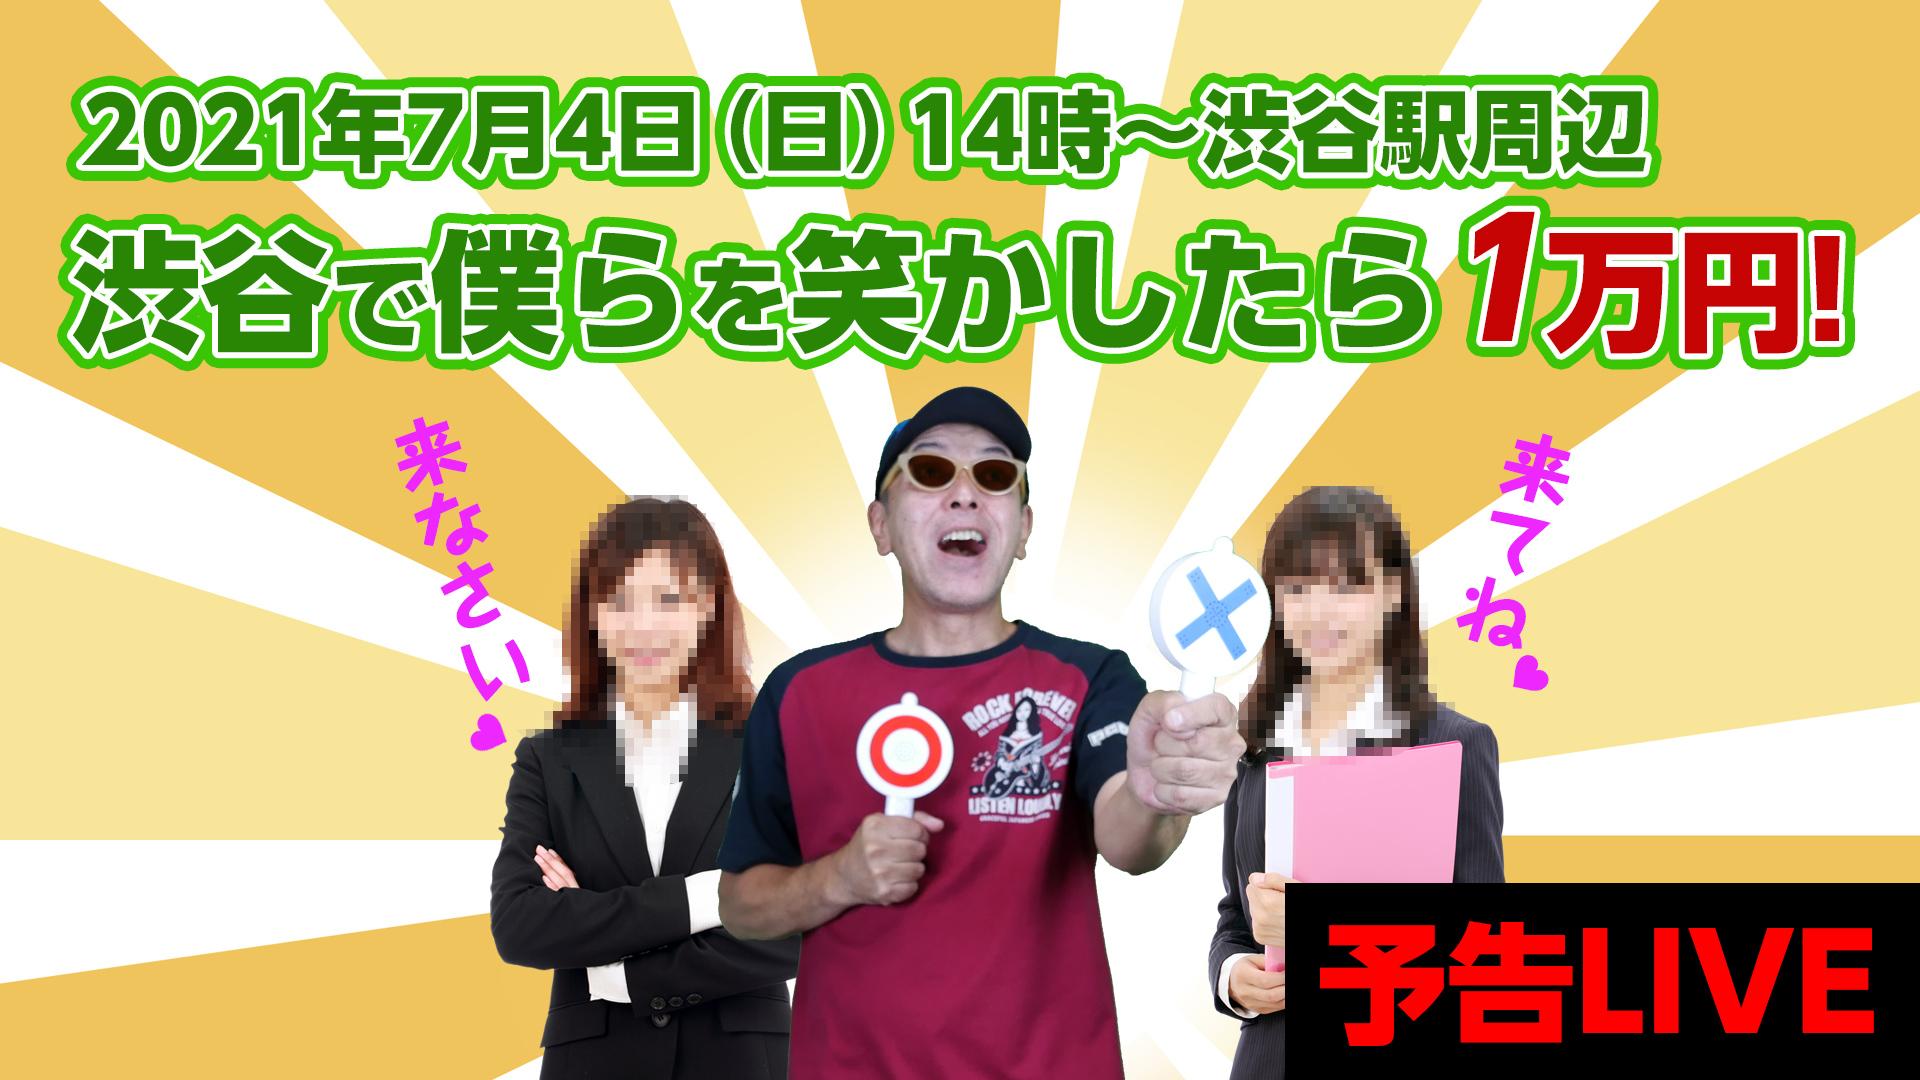 2021年7月4日(日)14:00~渋谷で俺らを笑わせてくれたら1万円差し上げます!的な企画の予告ライブ